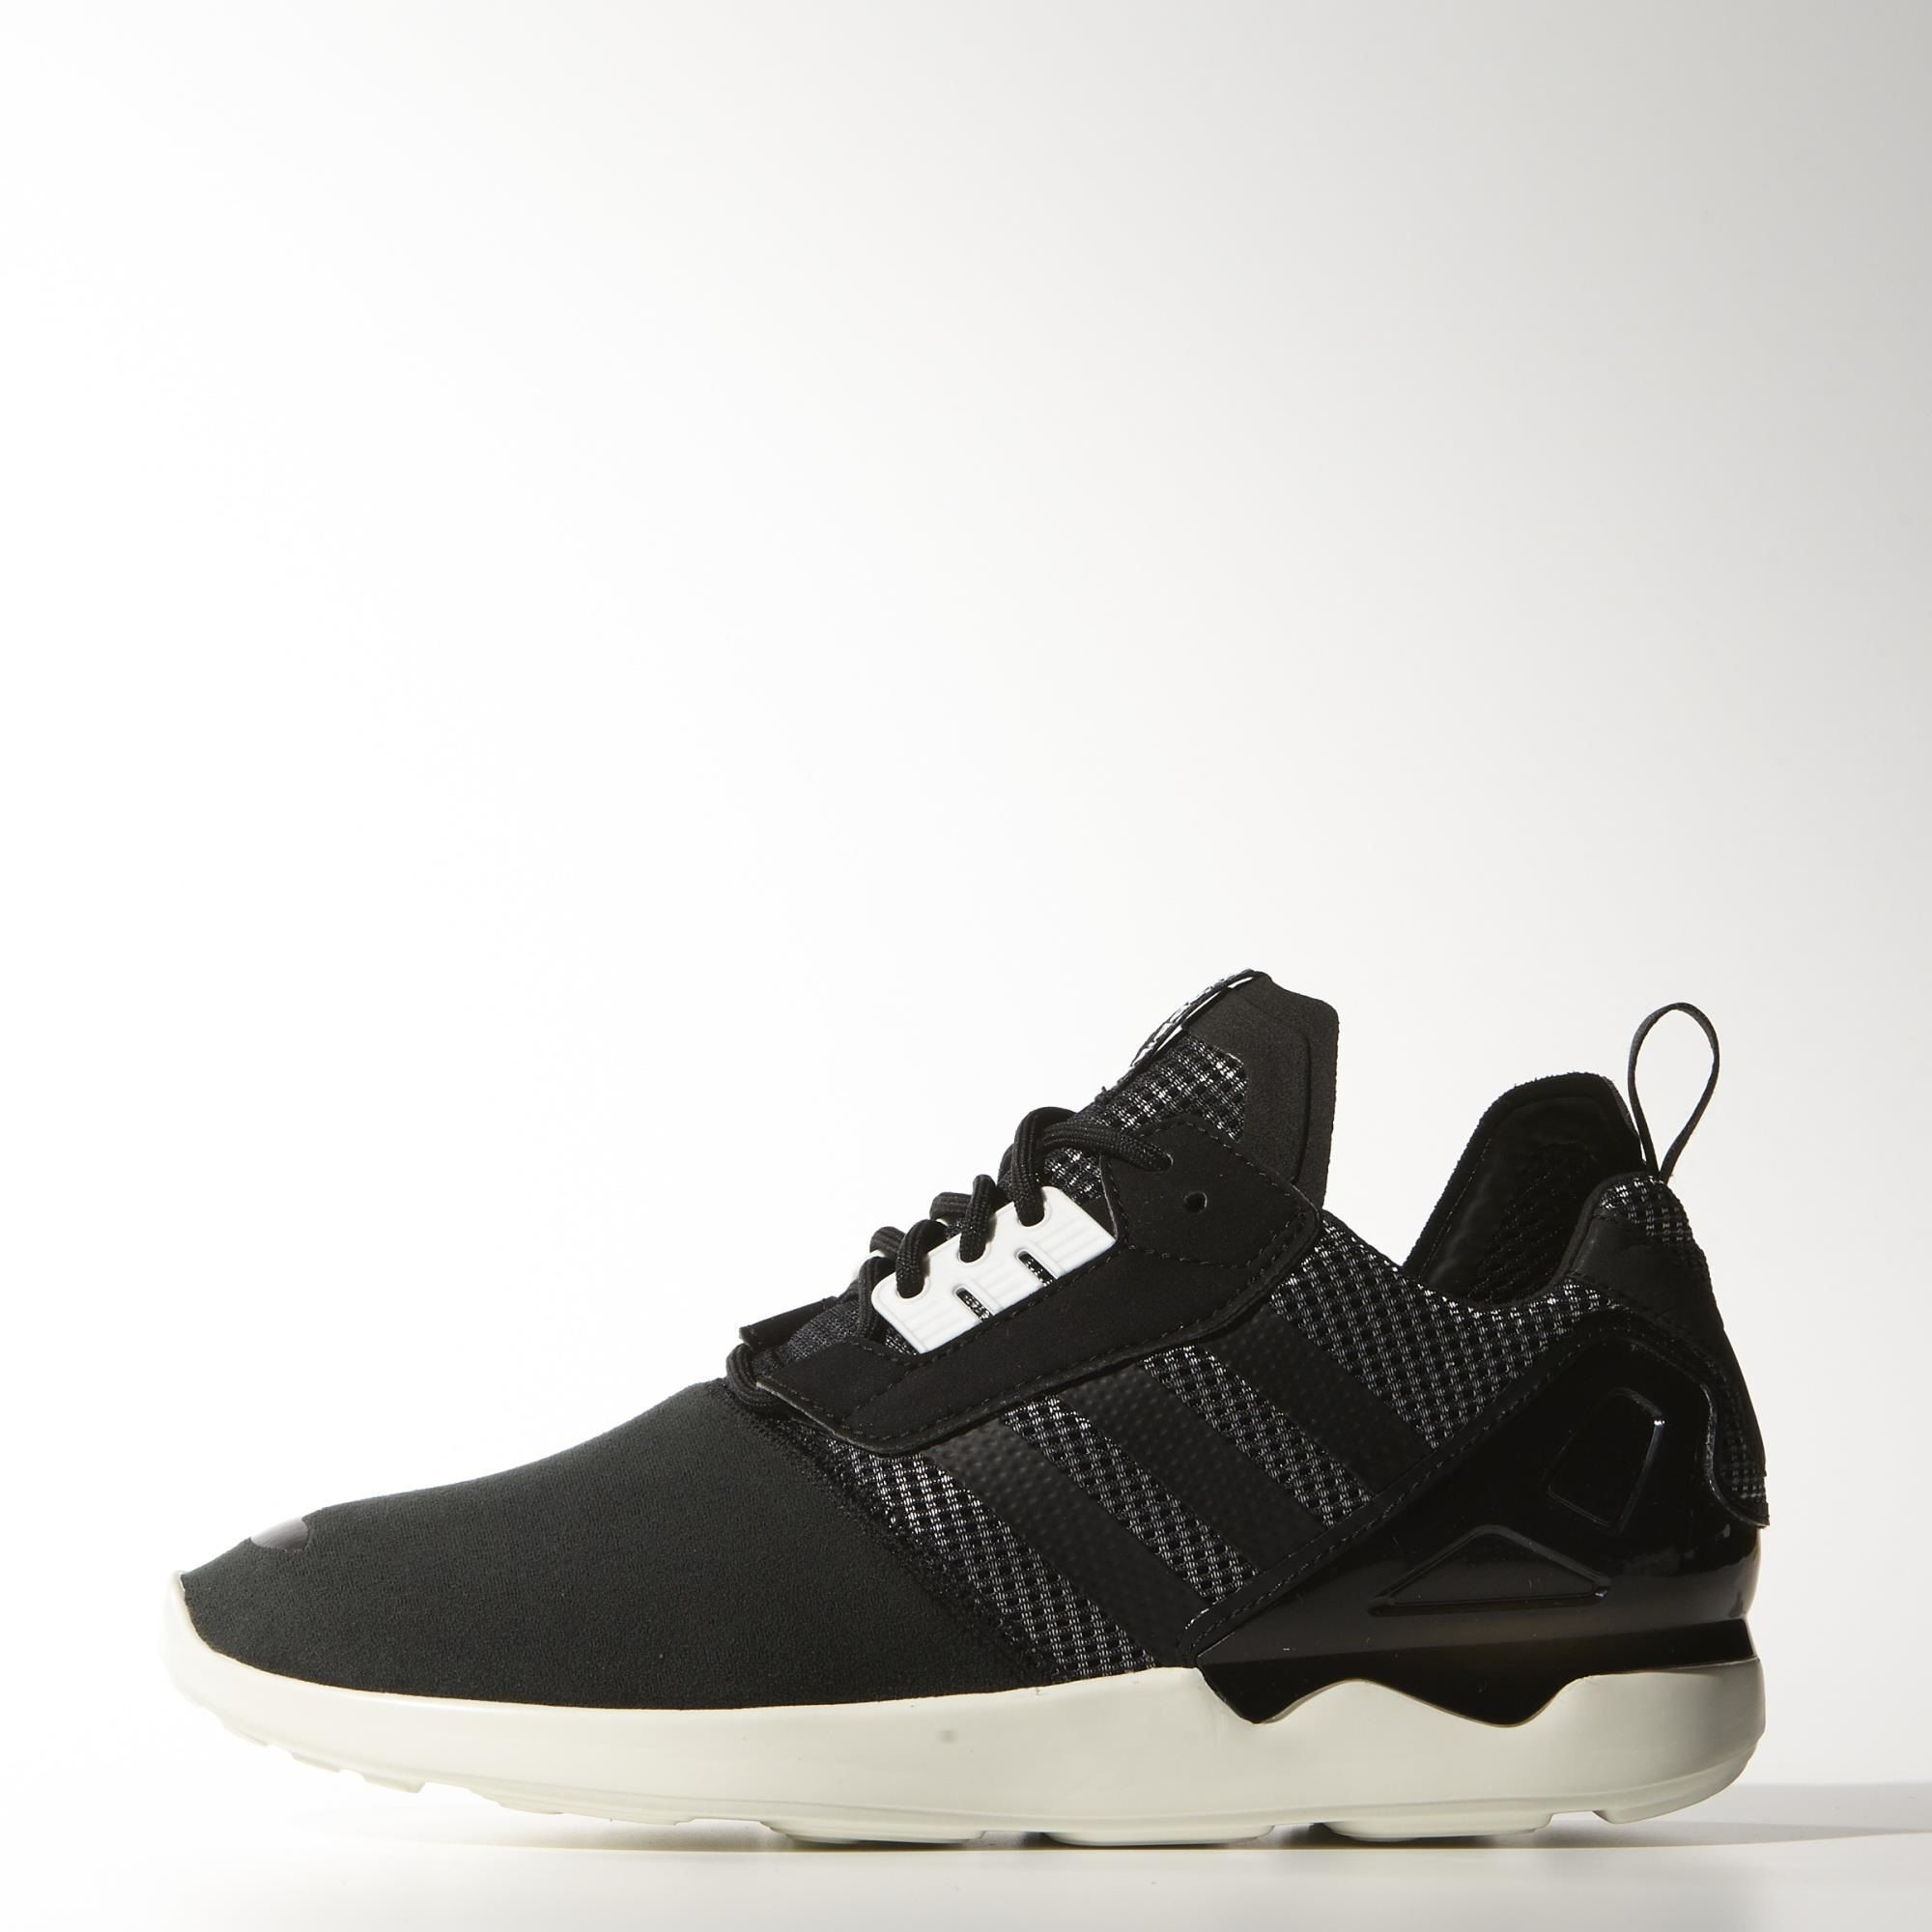 adidas zx 8000 aqua Silver